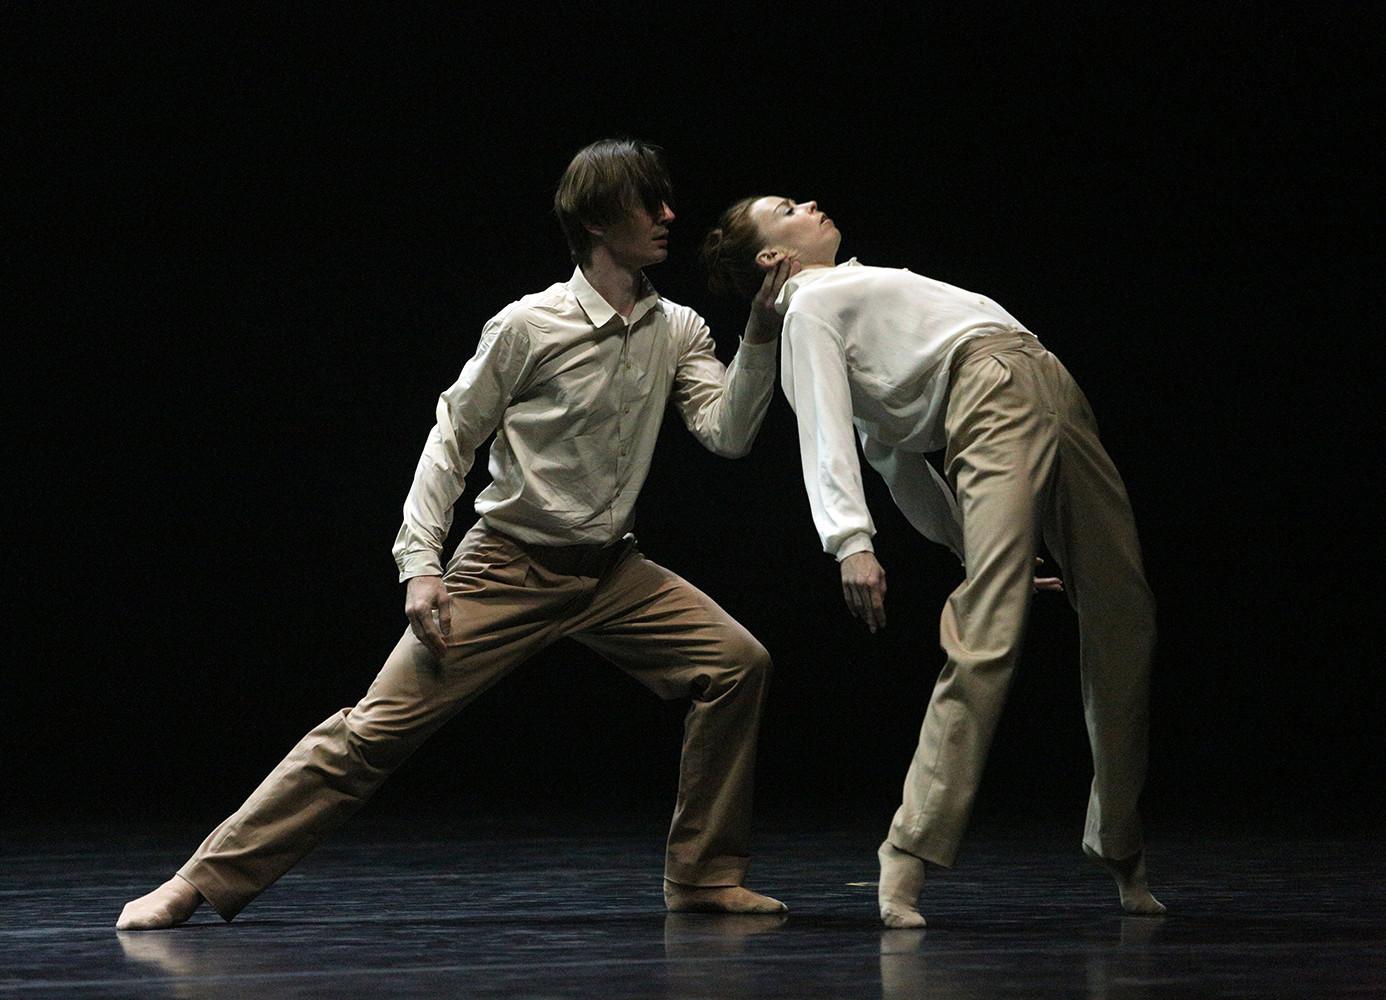 Ekaterina Krysanova, Vladislav Lantratov in the one-act ballet 'Fading'.